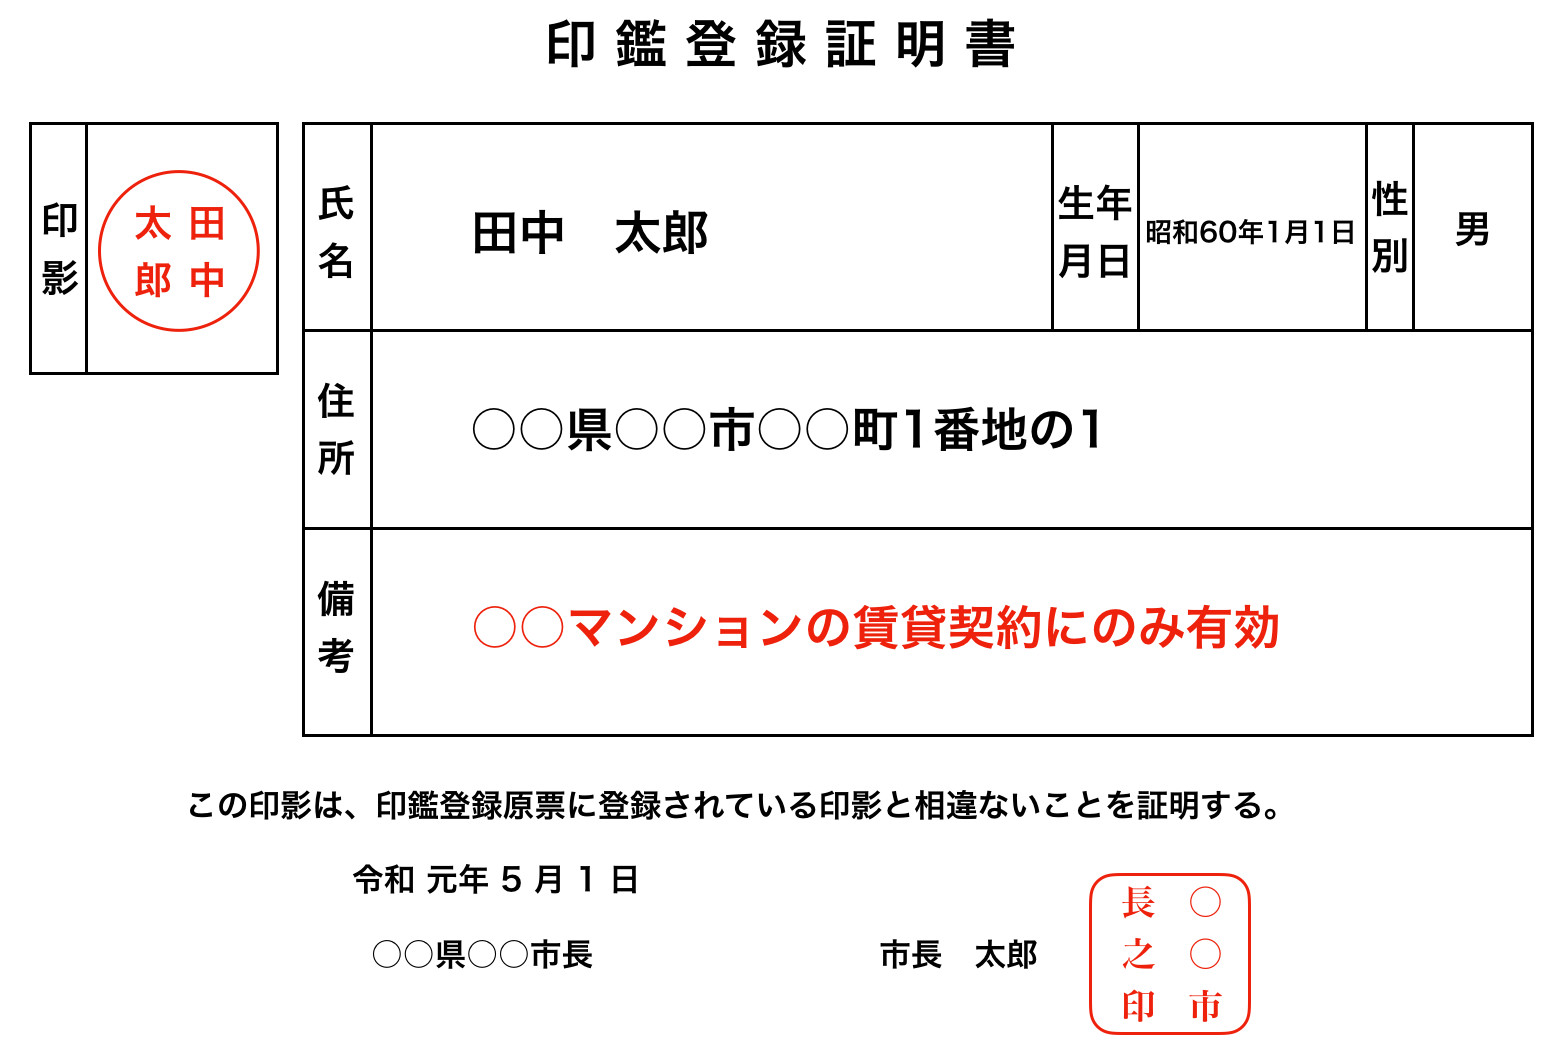 印鑑証明書の記載例